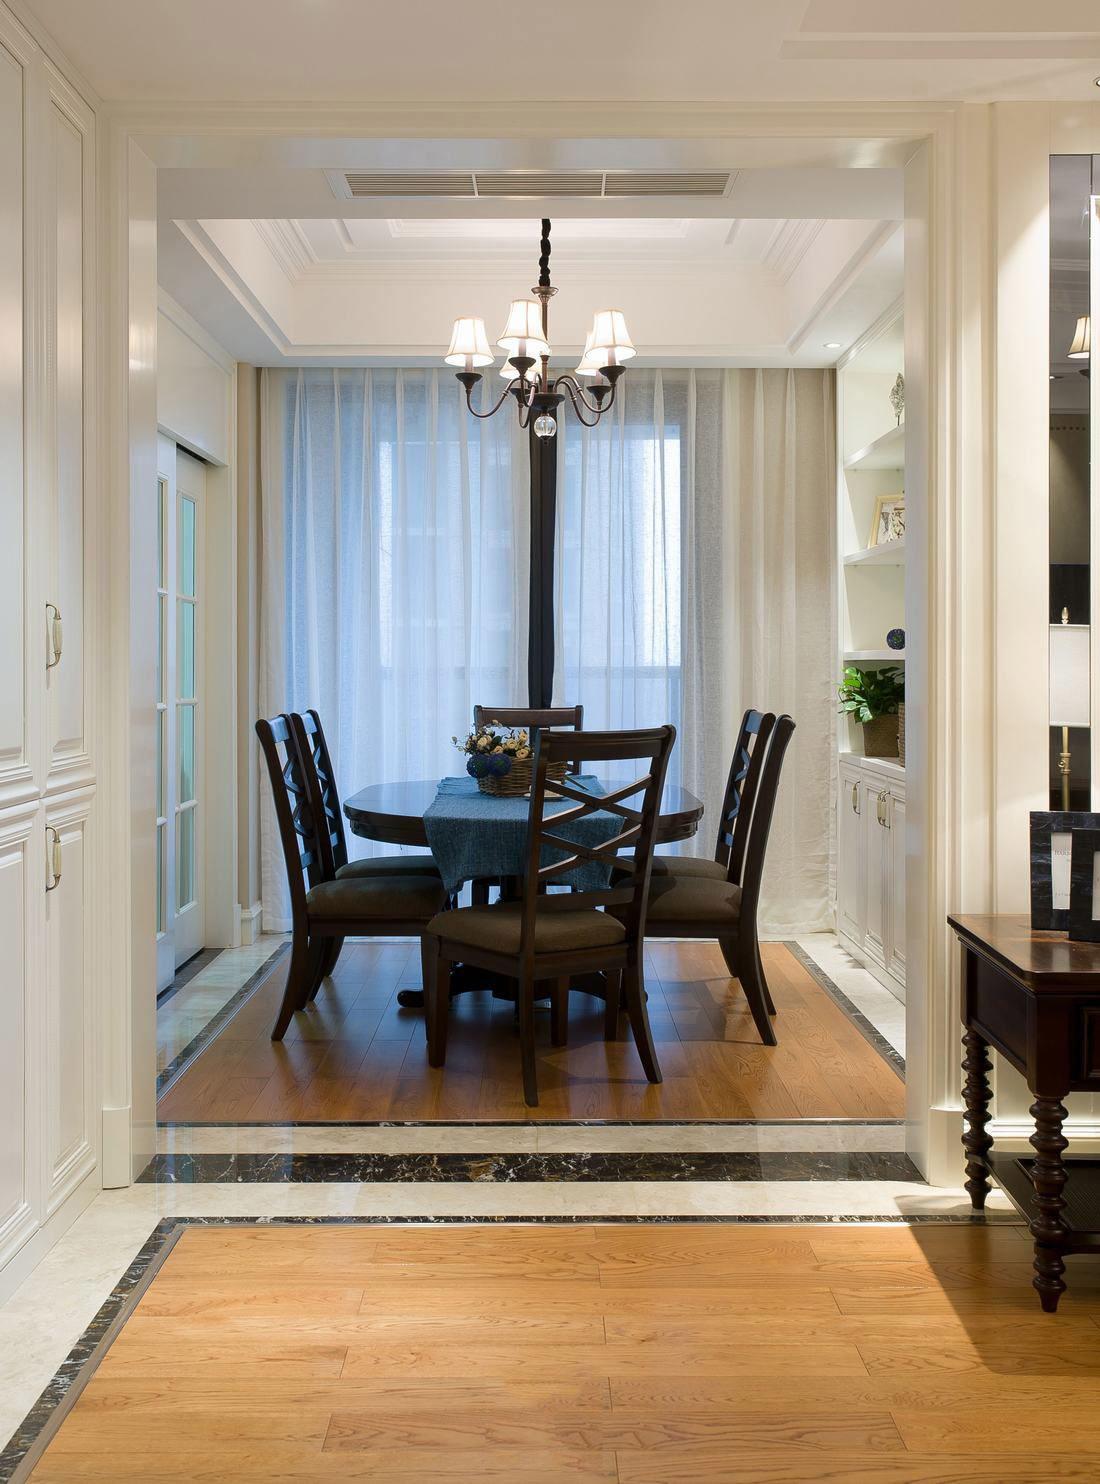 简易清爽美式室内餐厅设计装饰效果图片